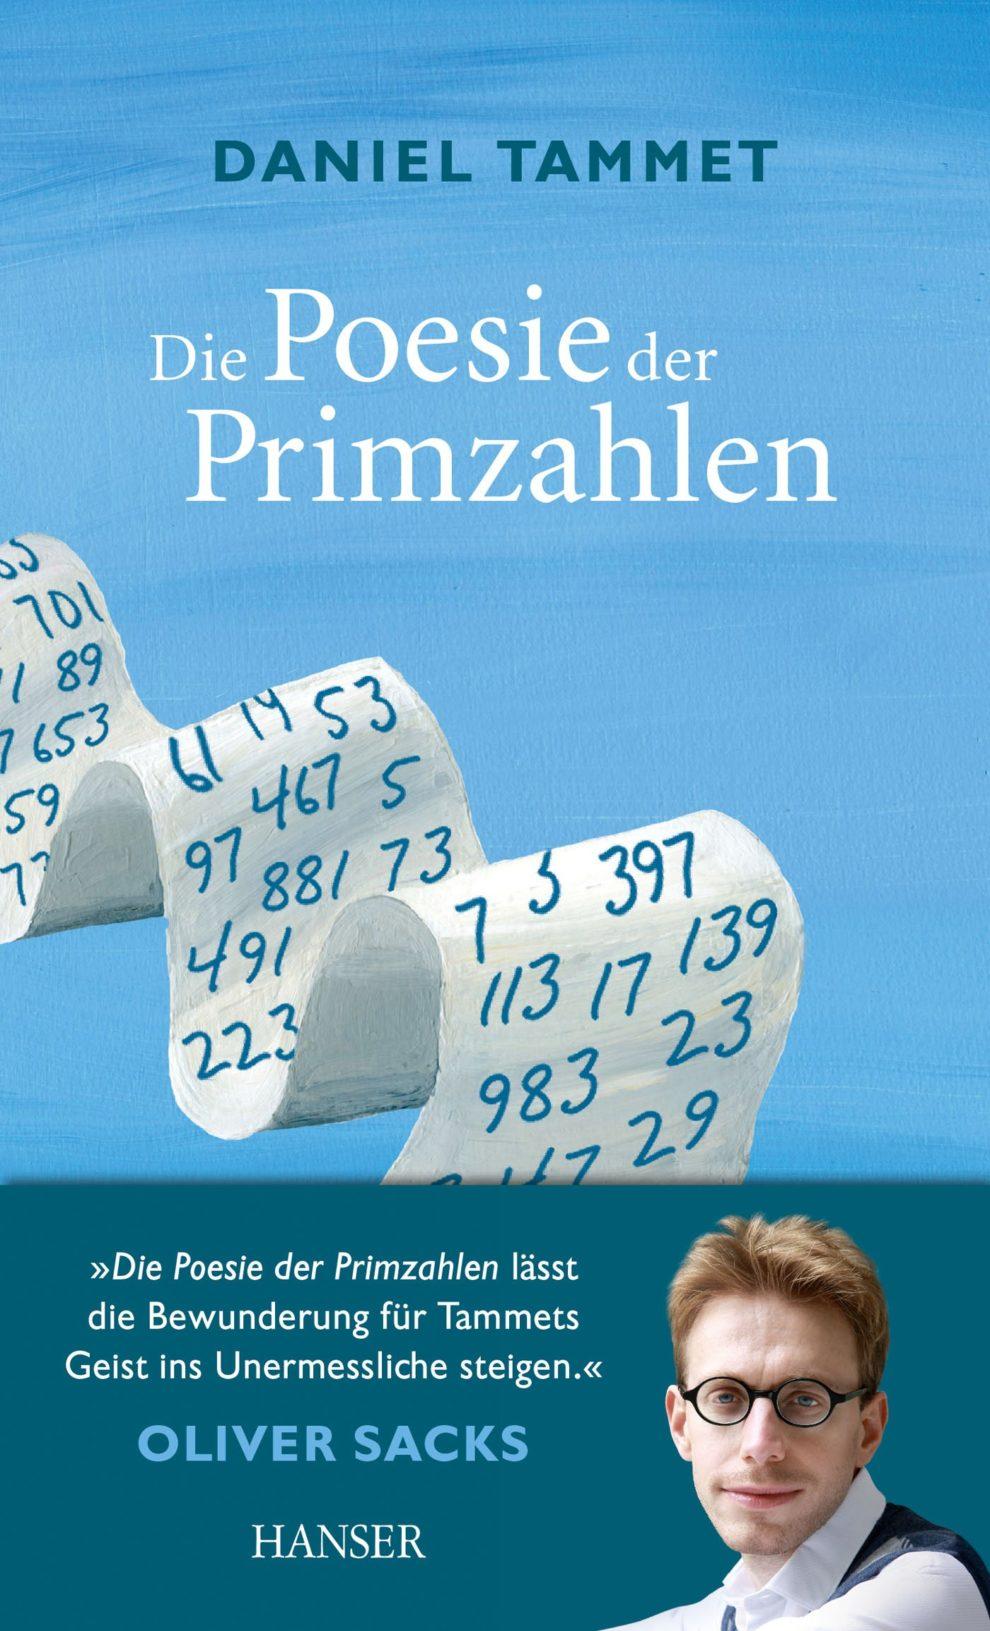 B-07-14 Die Poesi der Primzahlen.jpg